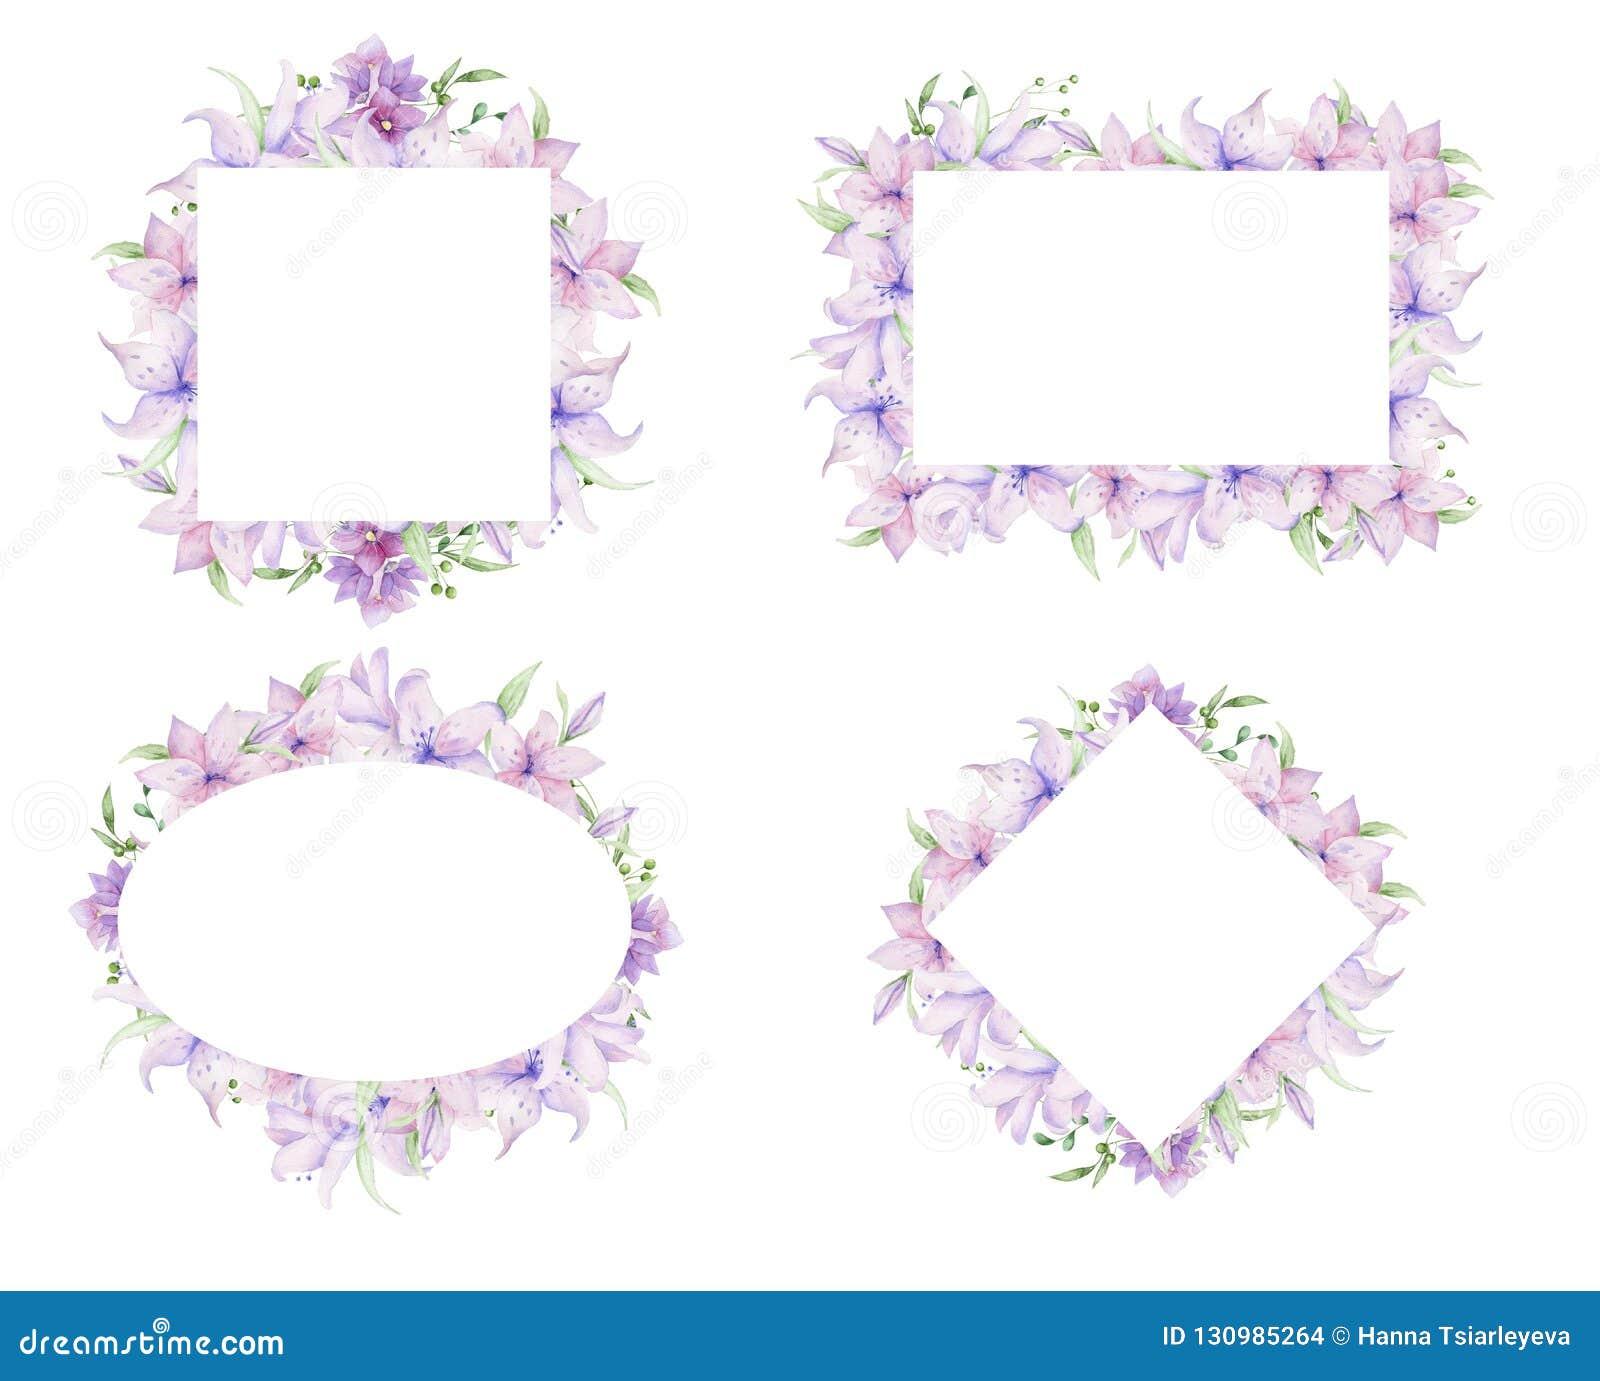 Quadros florais com flores cor-de-rosa e as folhas decorativas Projeto do convite da aquarela horizontal Fundo para salvar a data